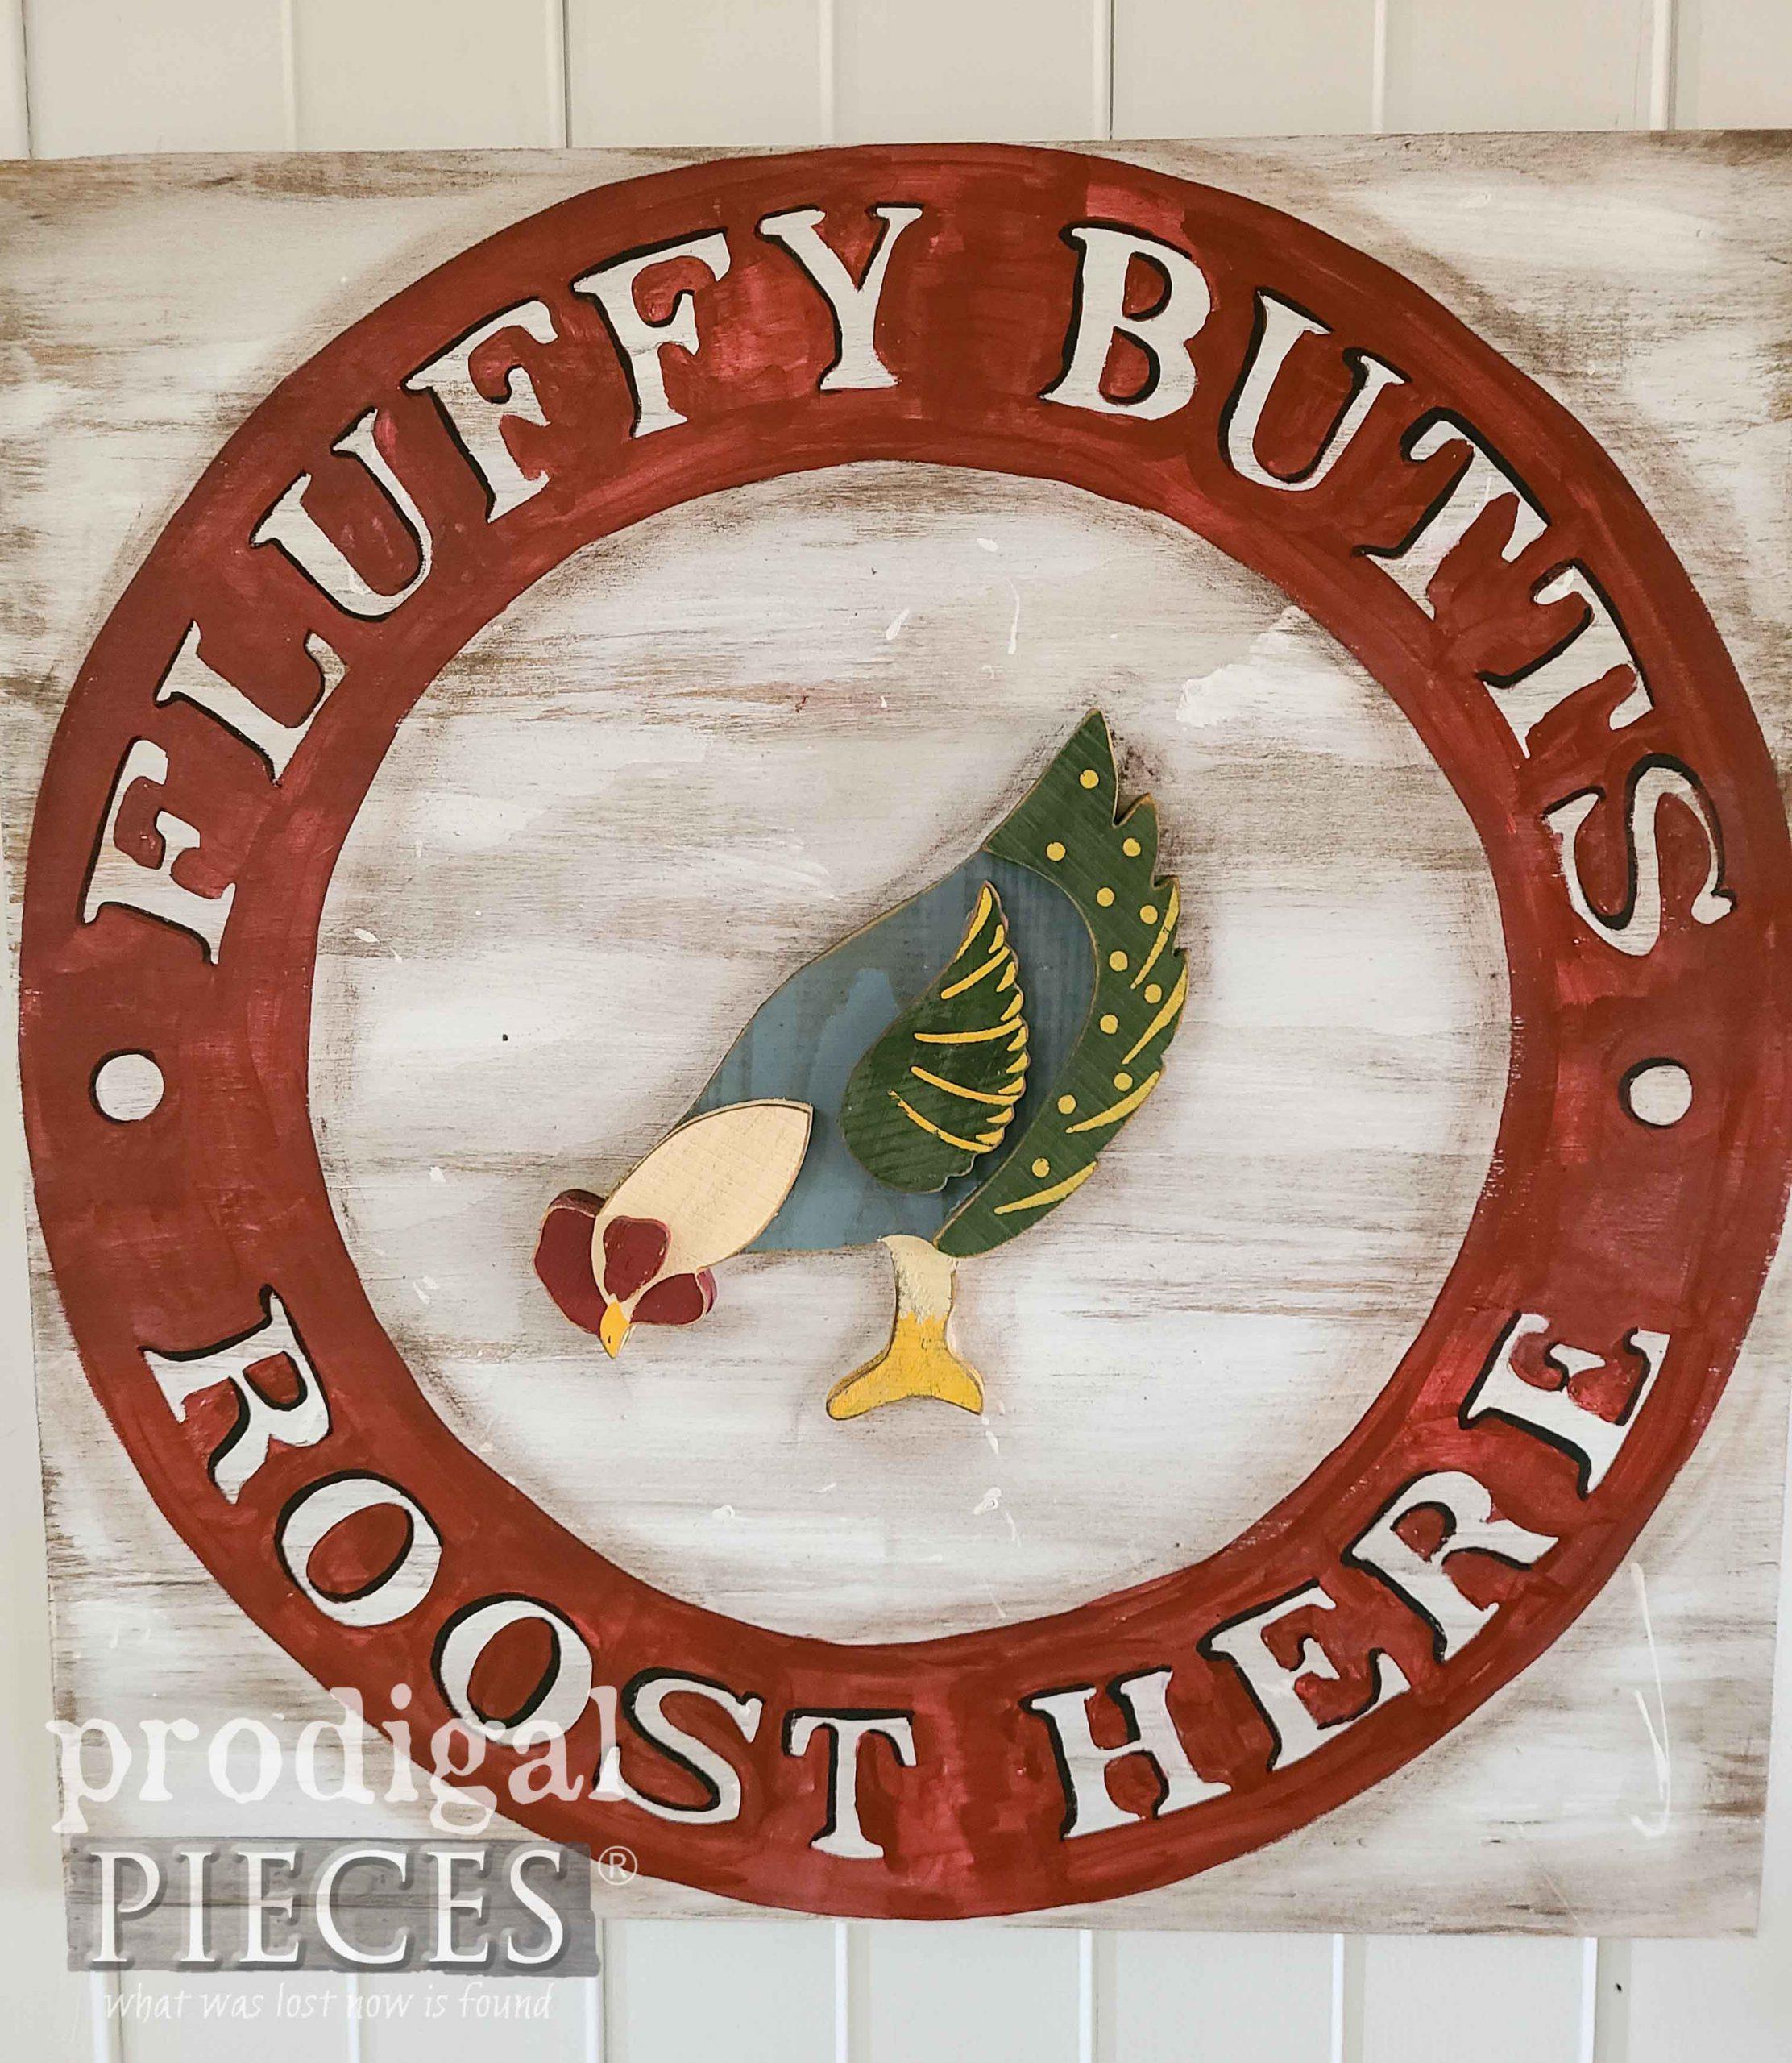 Handmade Chicken Sign for Farmhouse Decor Handmade by Prodigal Pieces | prodigalpieces.com #prodigalpieces #farmhouse #home #diy #homedecor